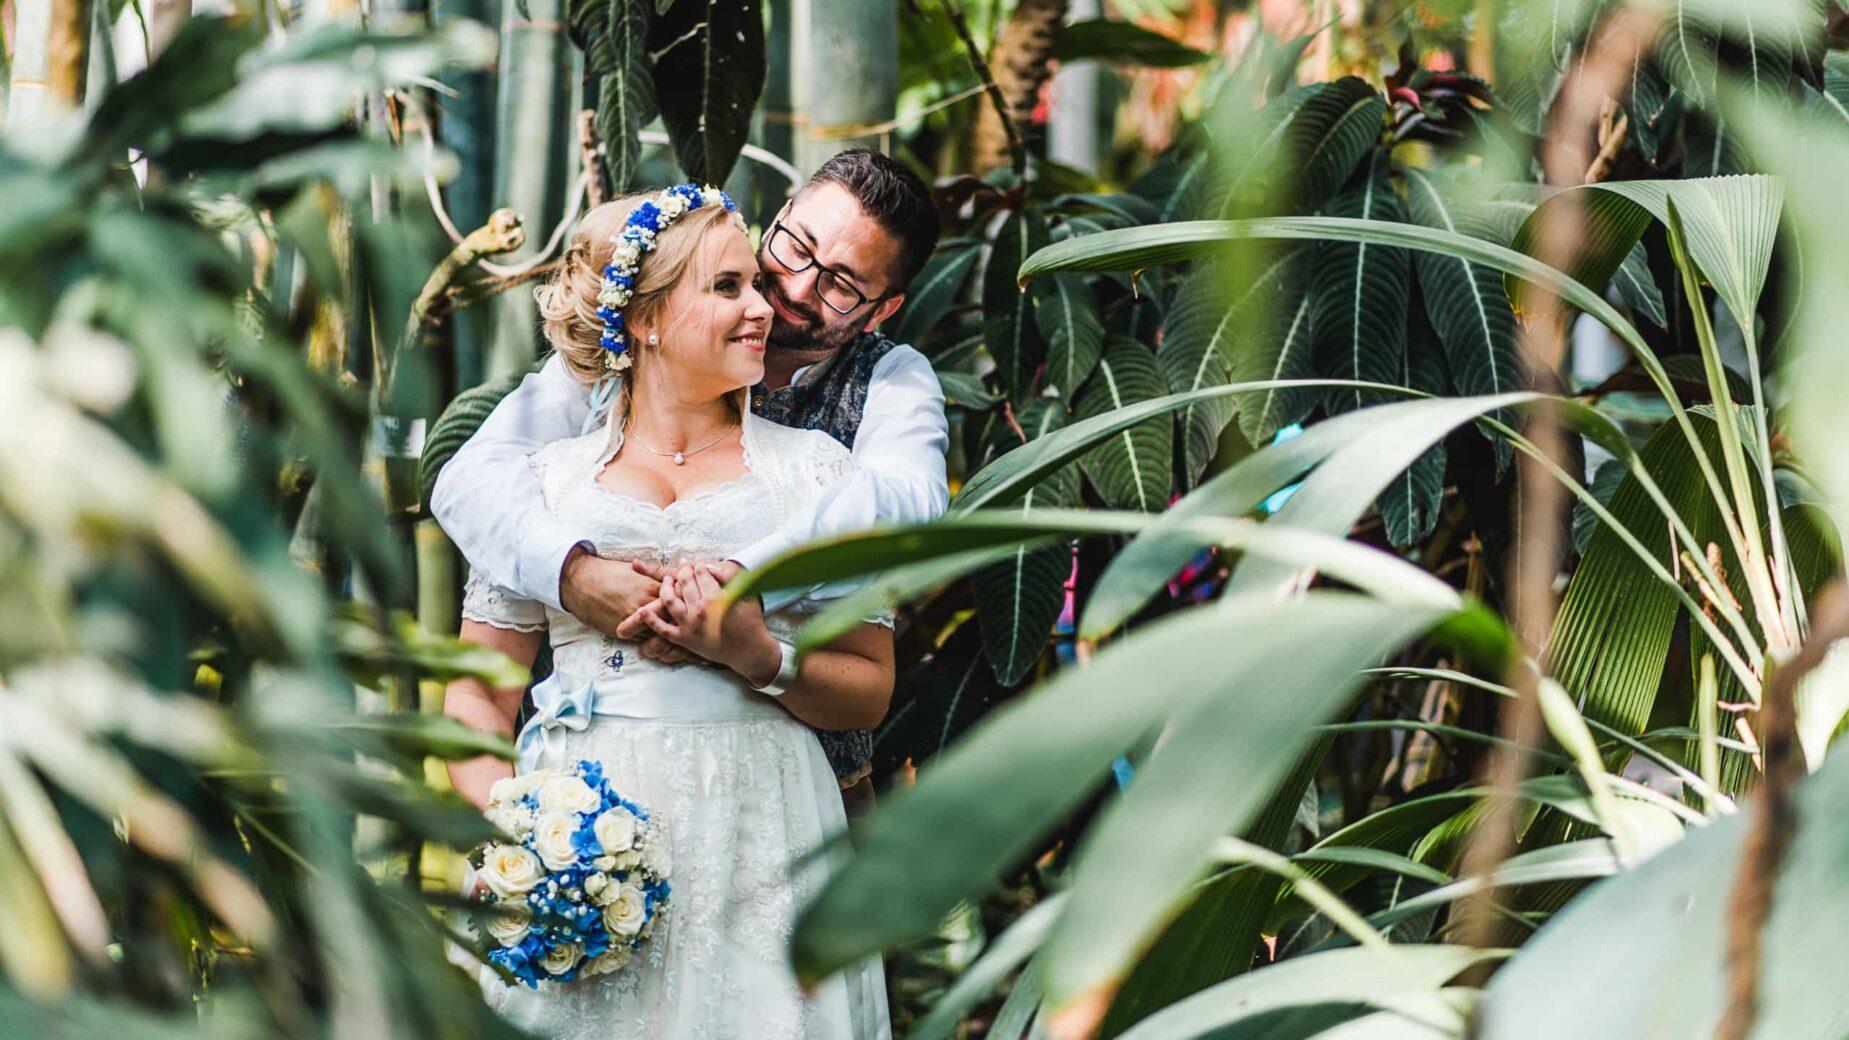 Professionelle Hochzeitsfotos in der Stadt, München, Ingolstadt, Augsburg, Landshut, Freising, Erding - Hochzeitspaar im Sommer im botanischen Garten von Jung und Wild design